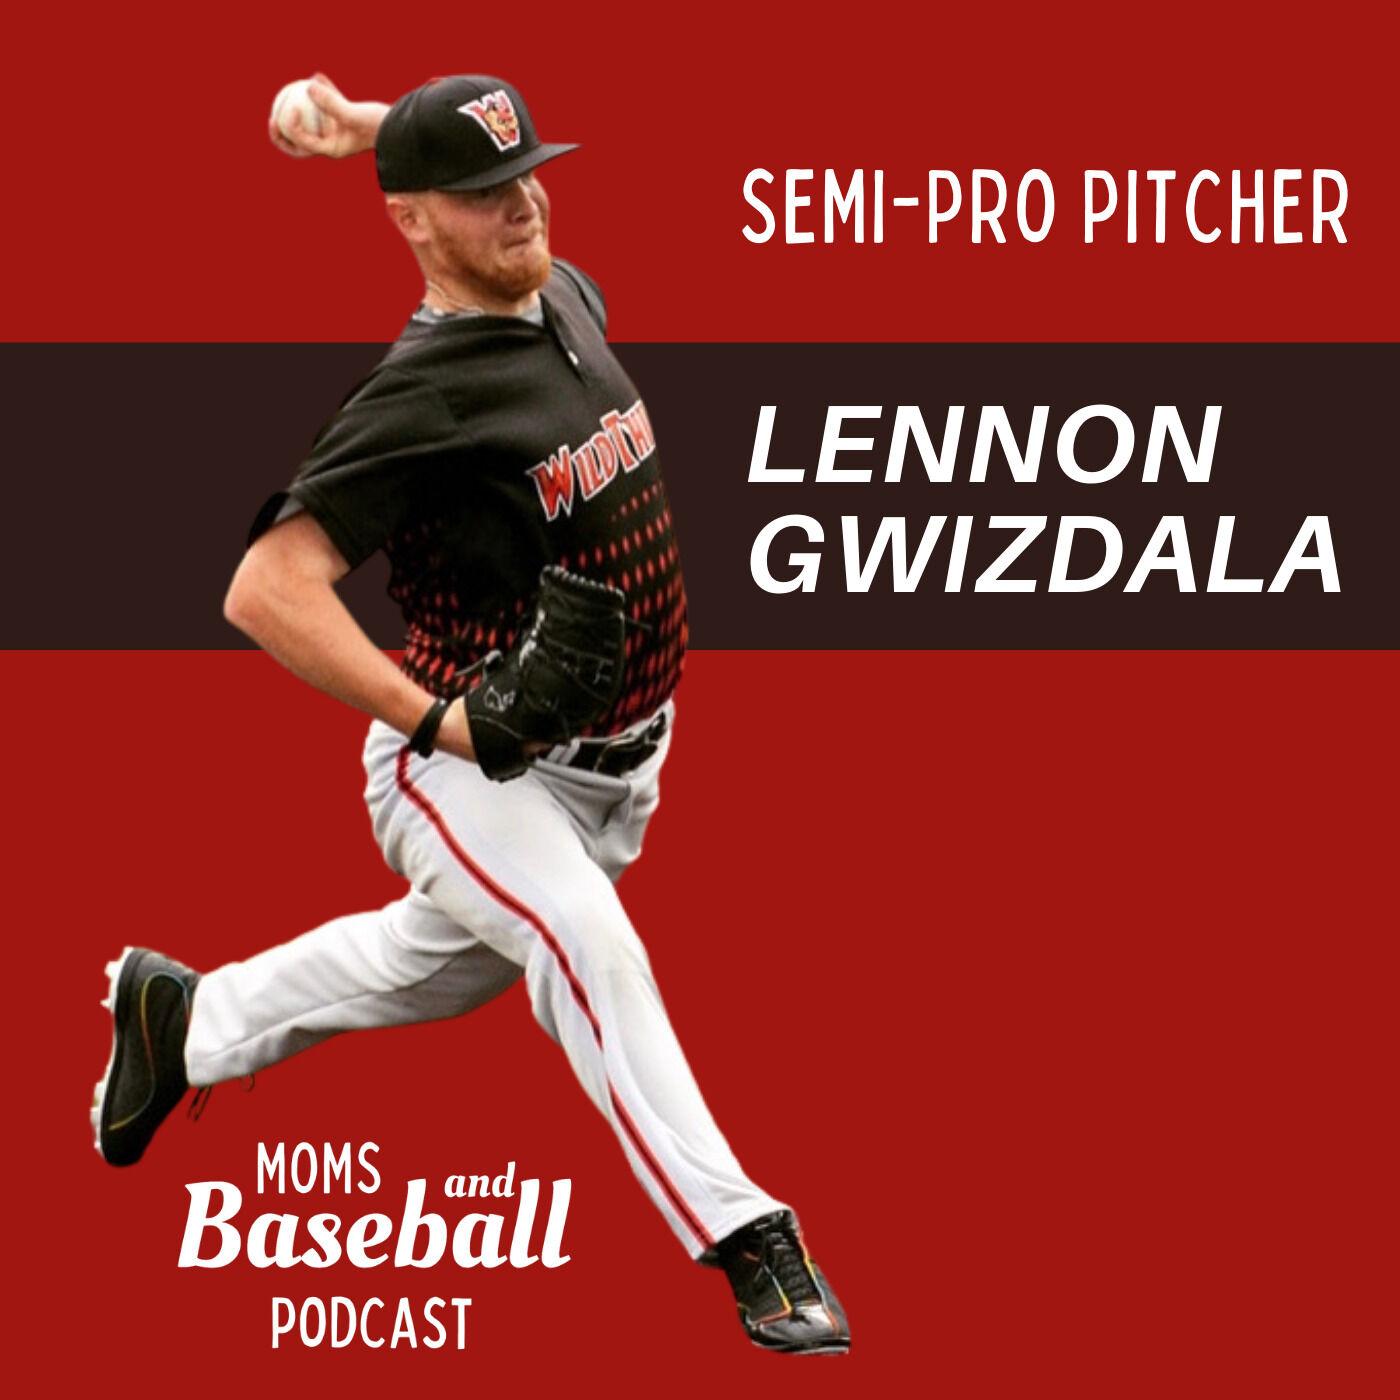 025: Semi-Pro Pitcher Lennon Gwizdala